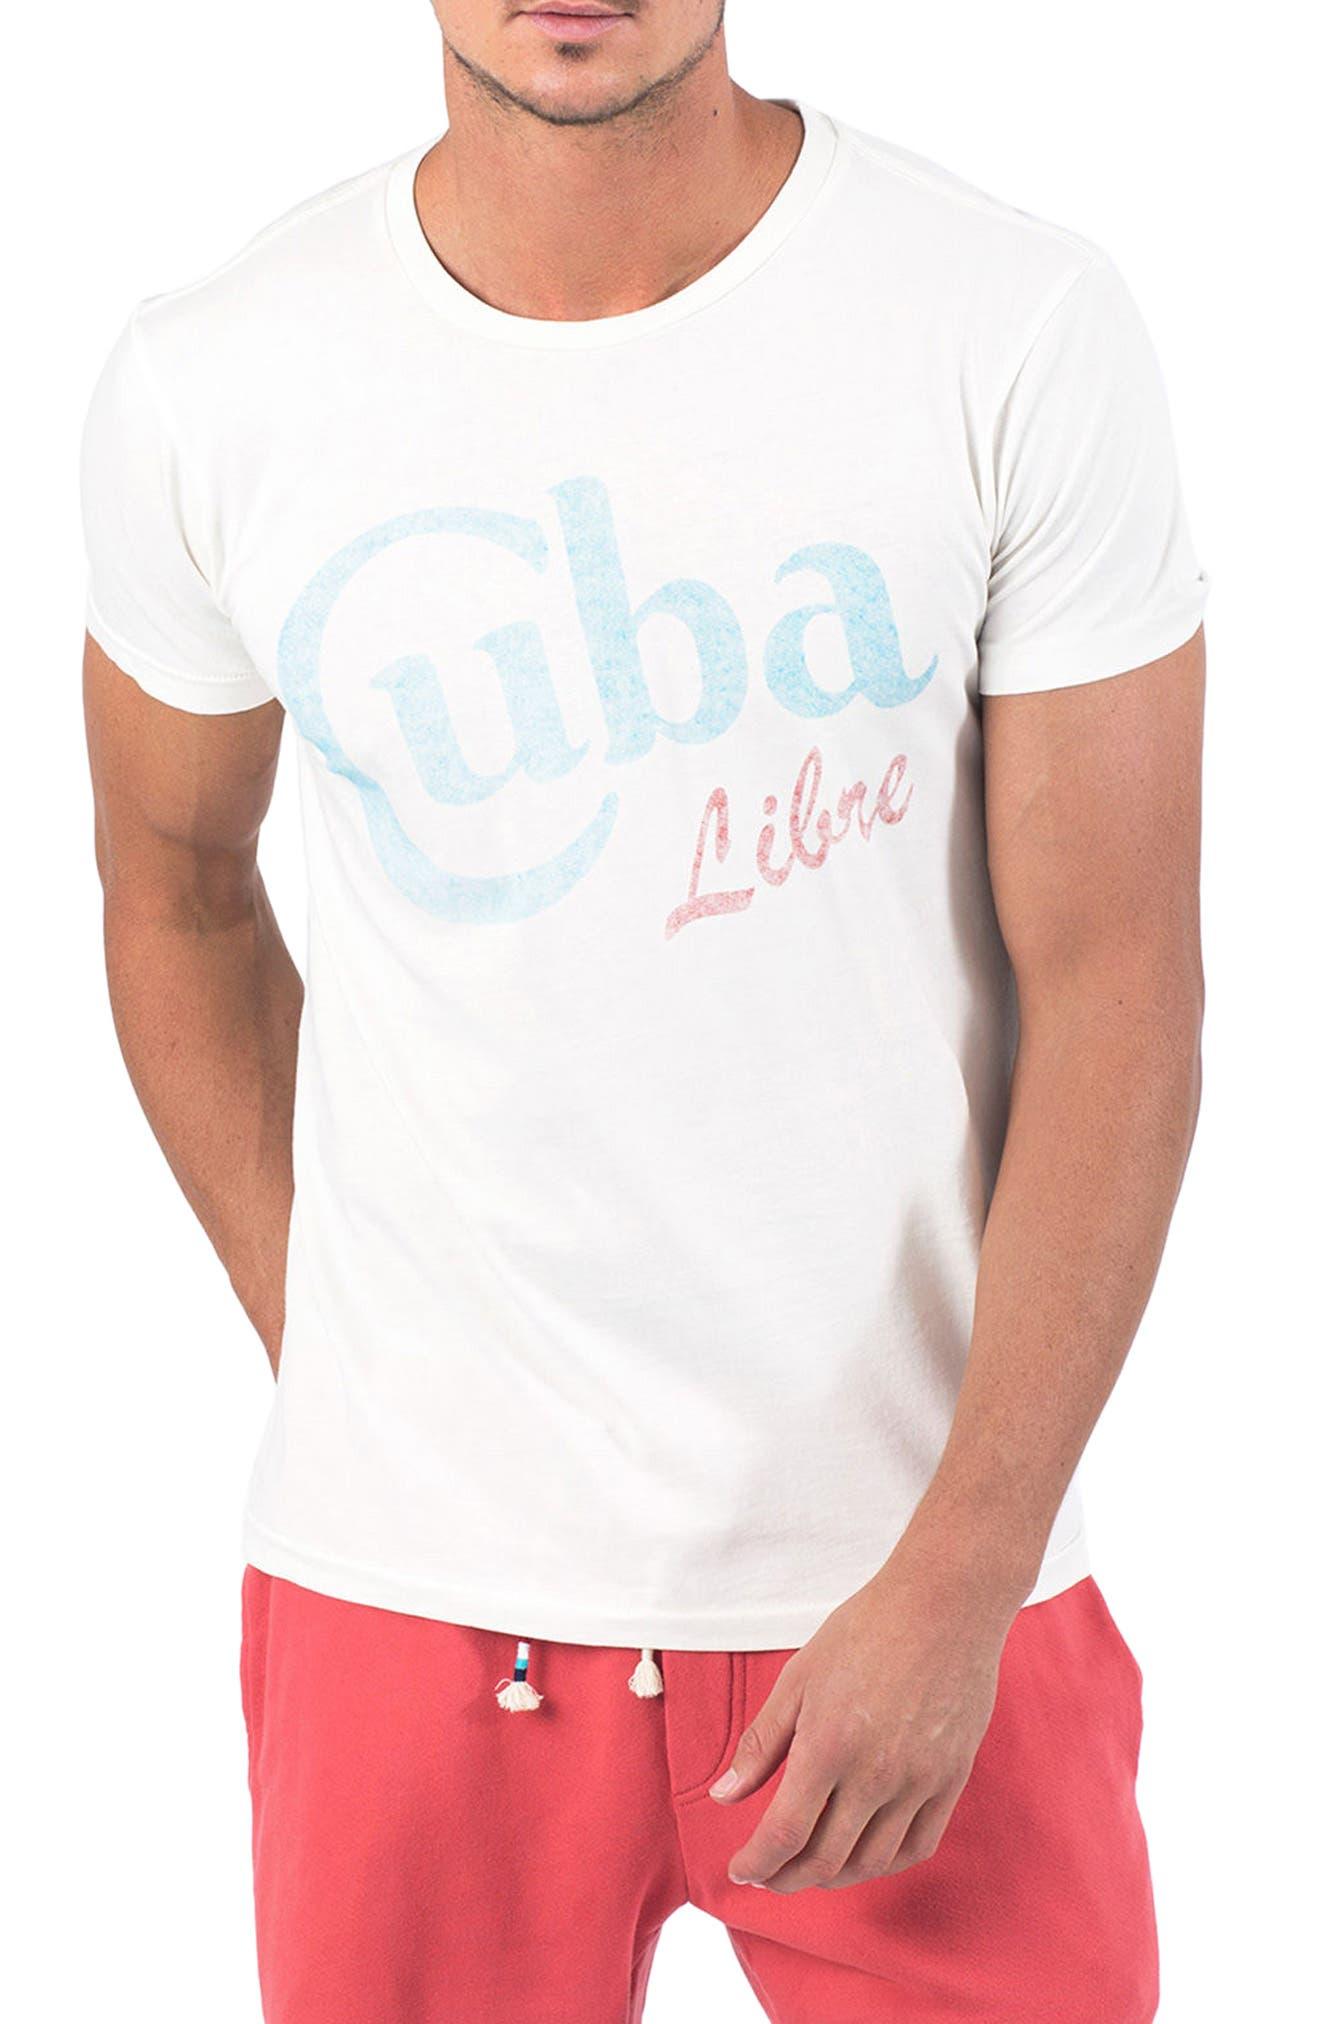 Main Image - Sol Angeles Cuba Libre T-Shirt